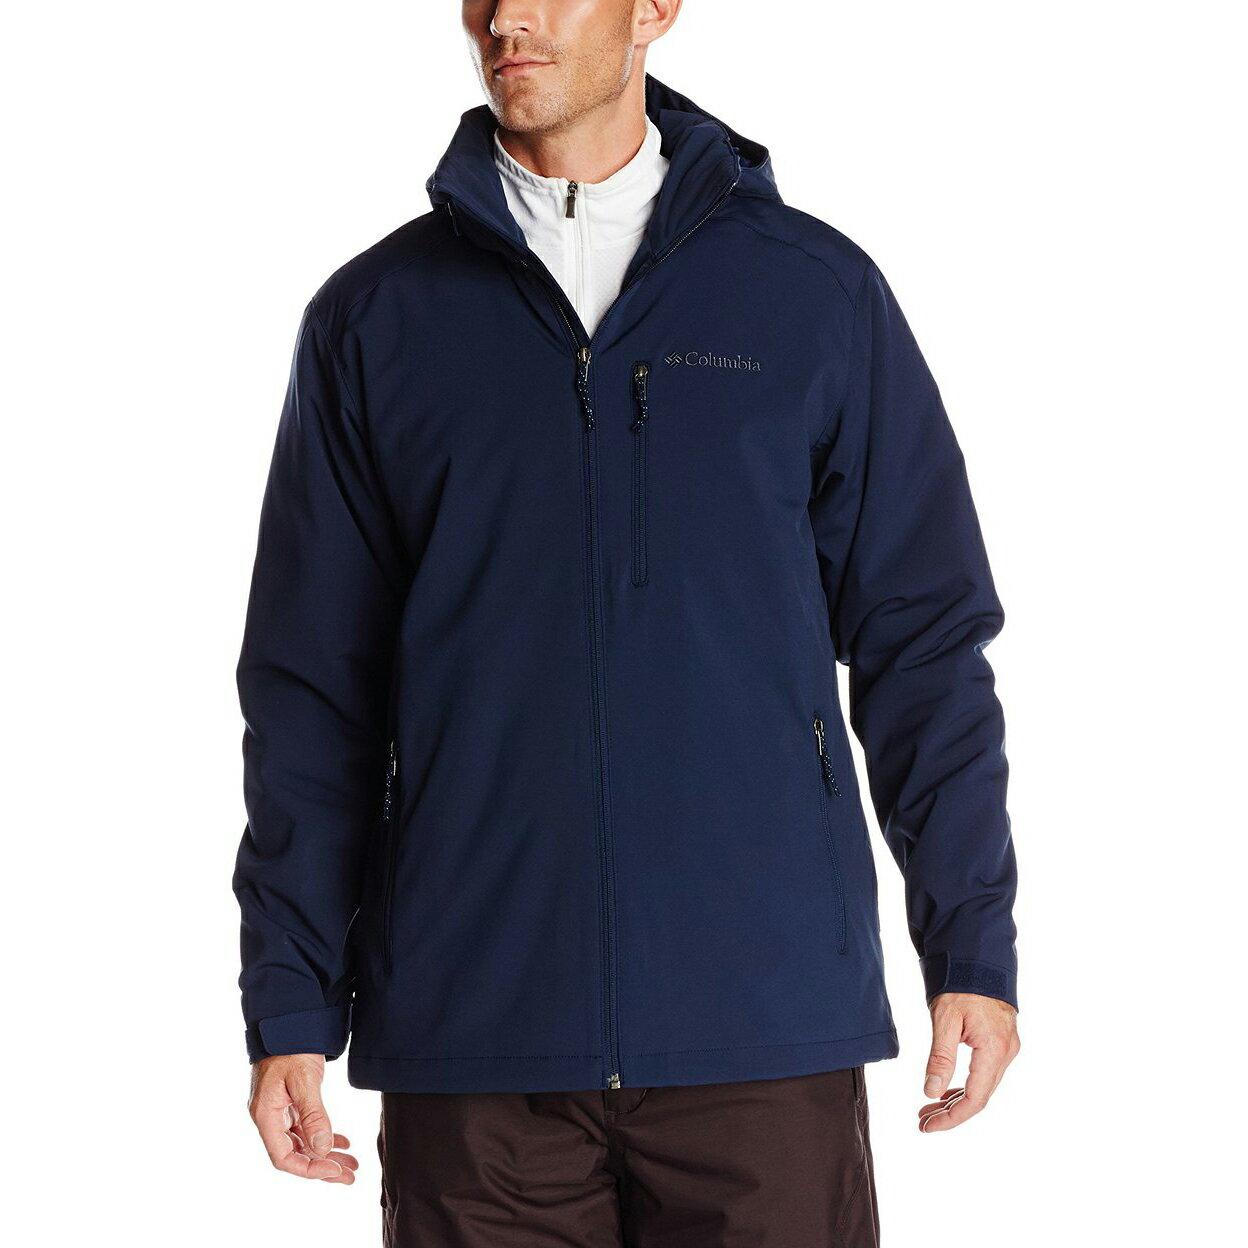 美國百分百【全新真品】Columbia 外套 夾克 連帽 哥倫比亞 登山 深藍 鋪棉 防潑水 男 S M號 E789